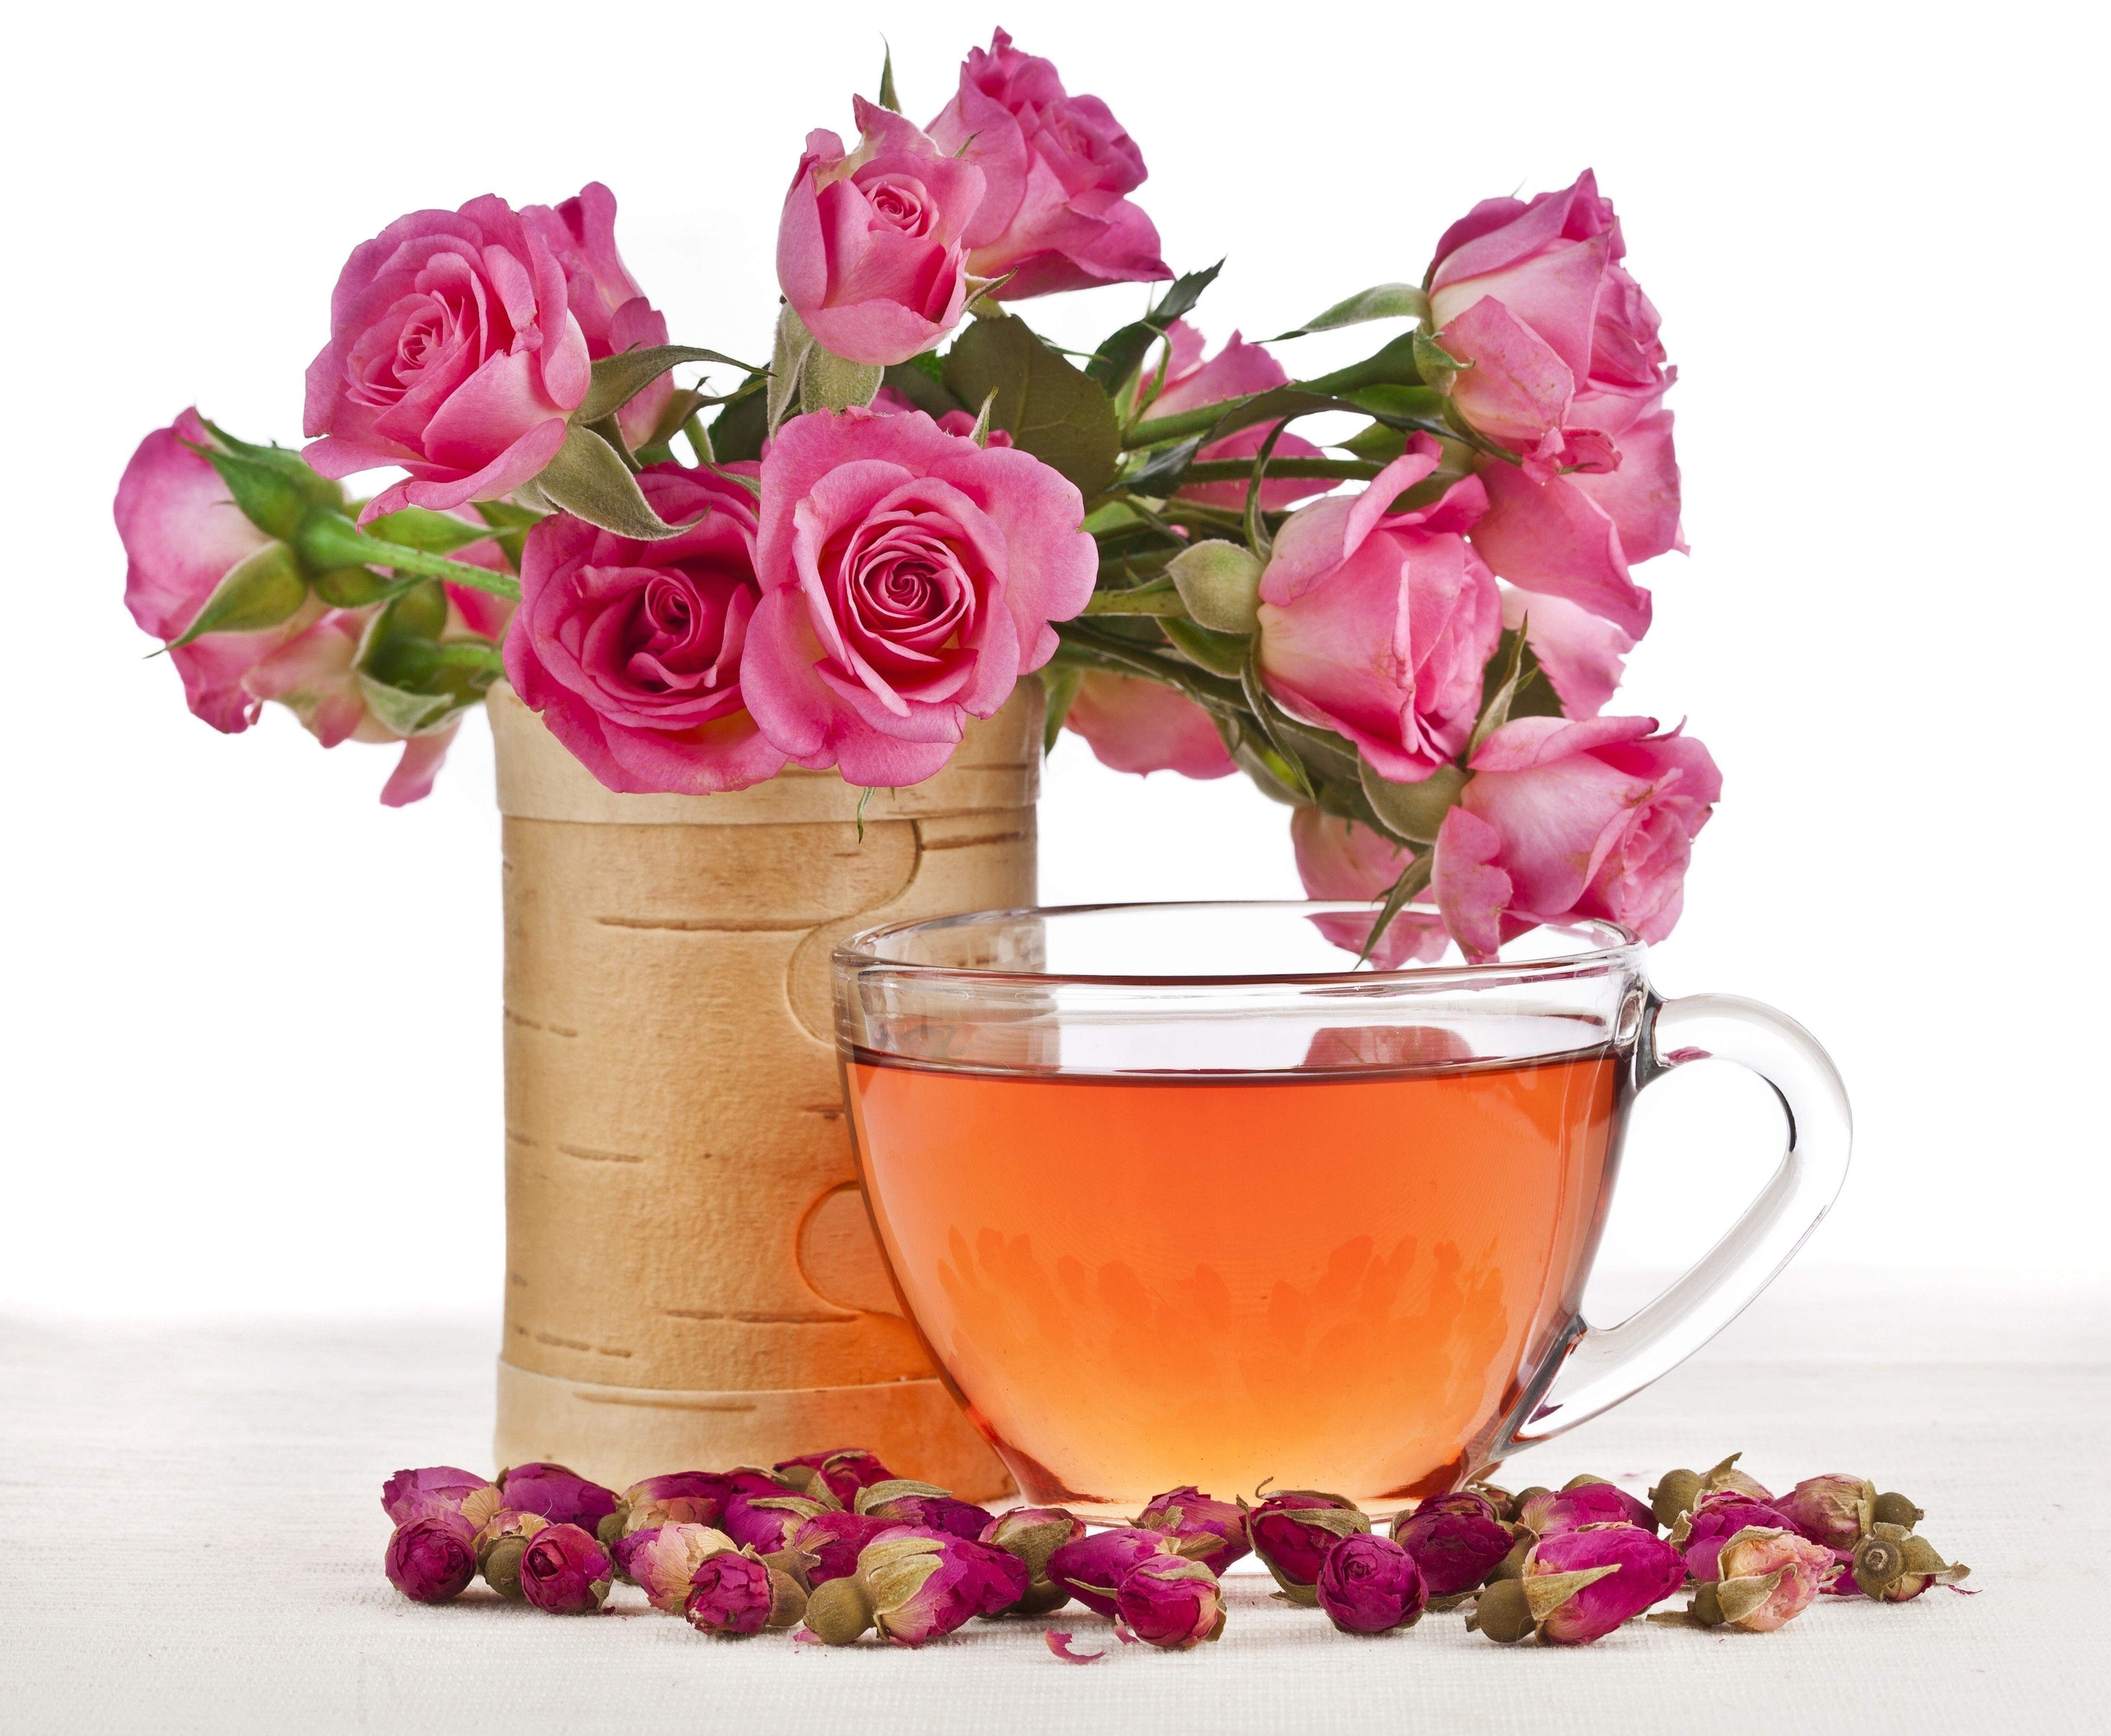 был, картинках картинки с добрым утром роза и чай общем, широта